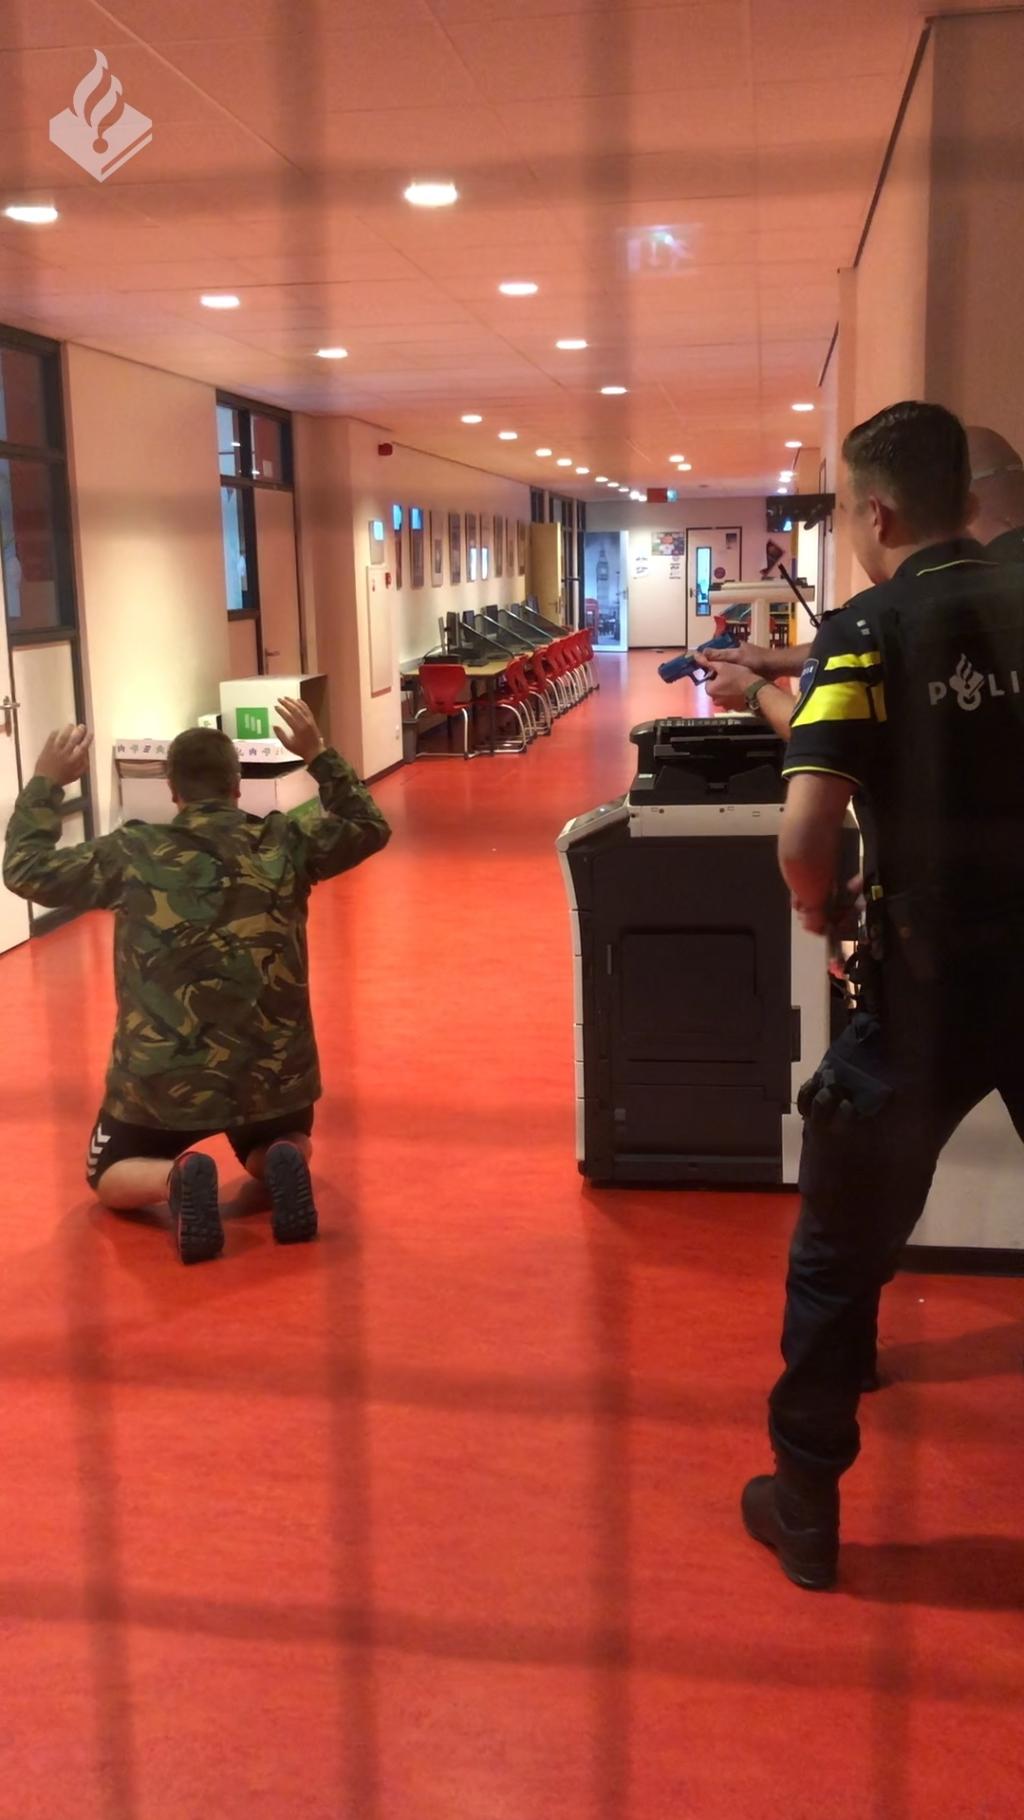 De verdachte is in beeld en wordt onder schot gehouden. Zijn de gangen en lokalen in het Cambium College weer veilig? Foto: Politie Oost-Nederland © DPG Media